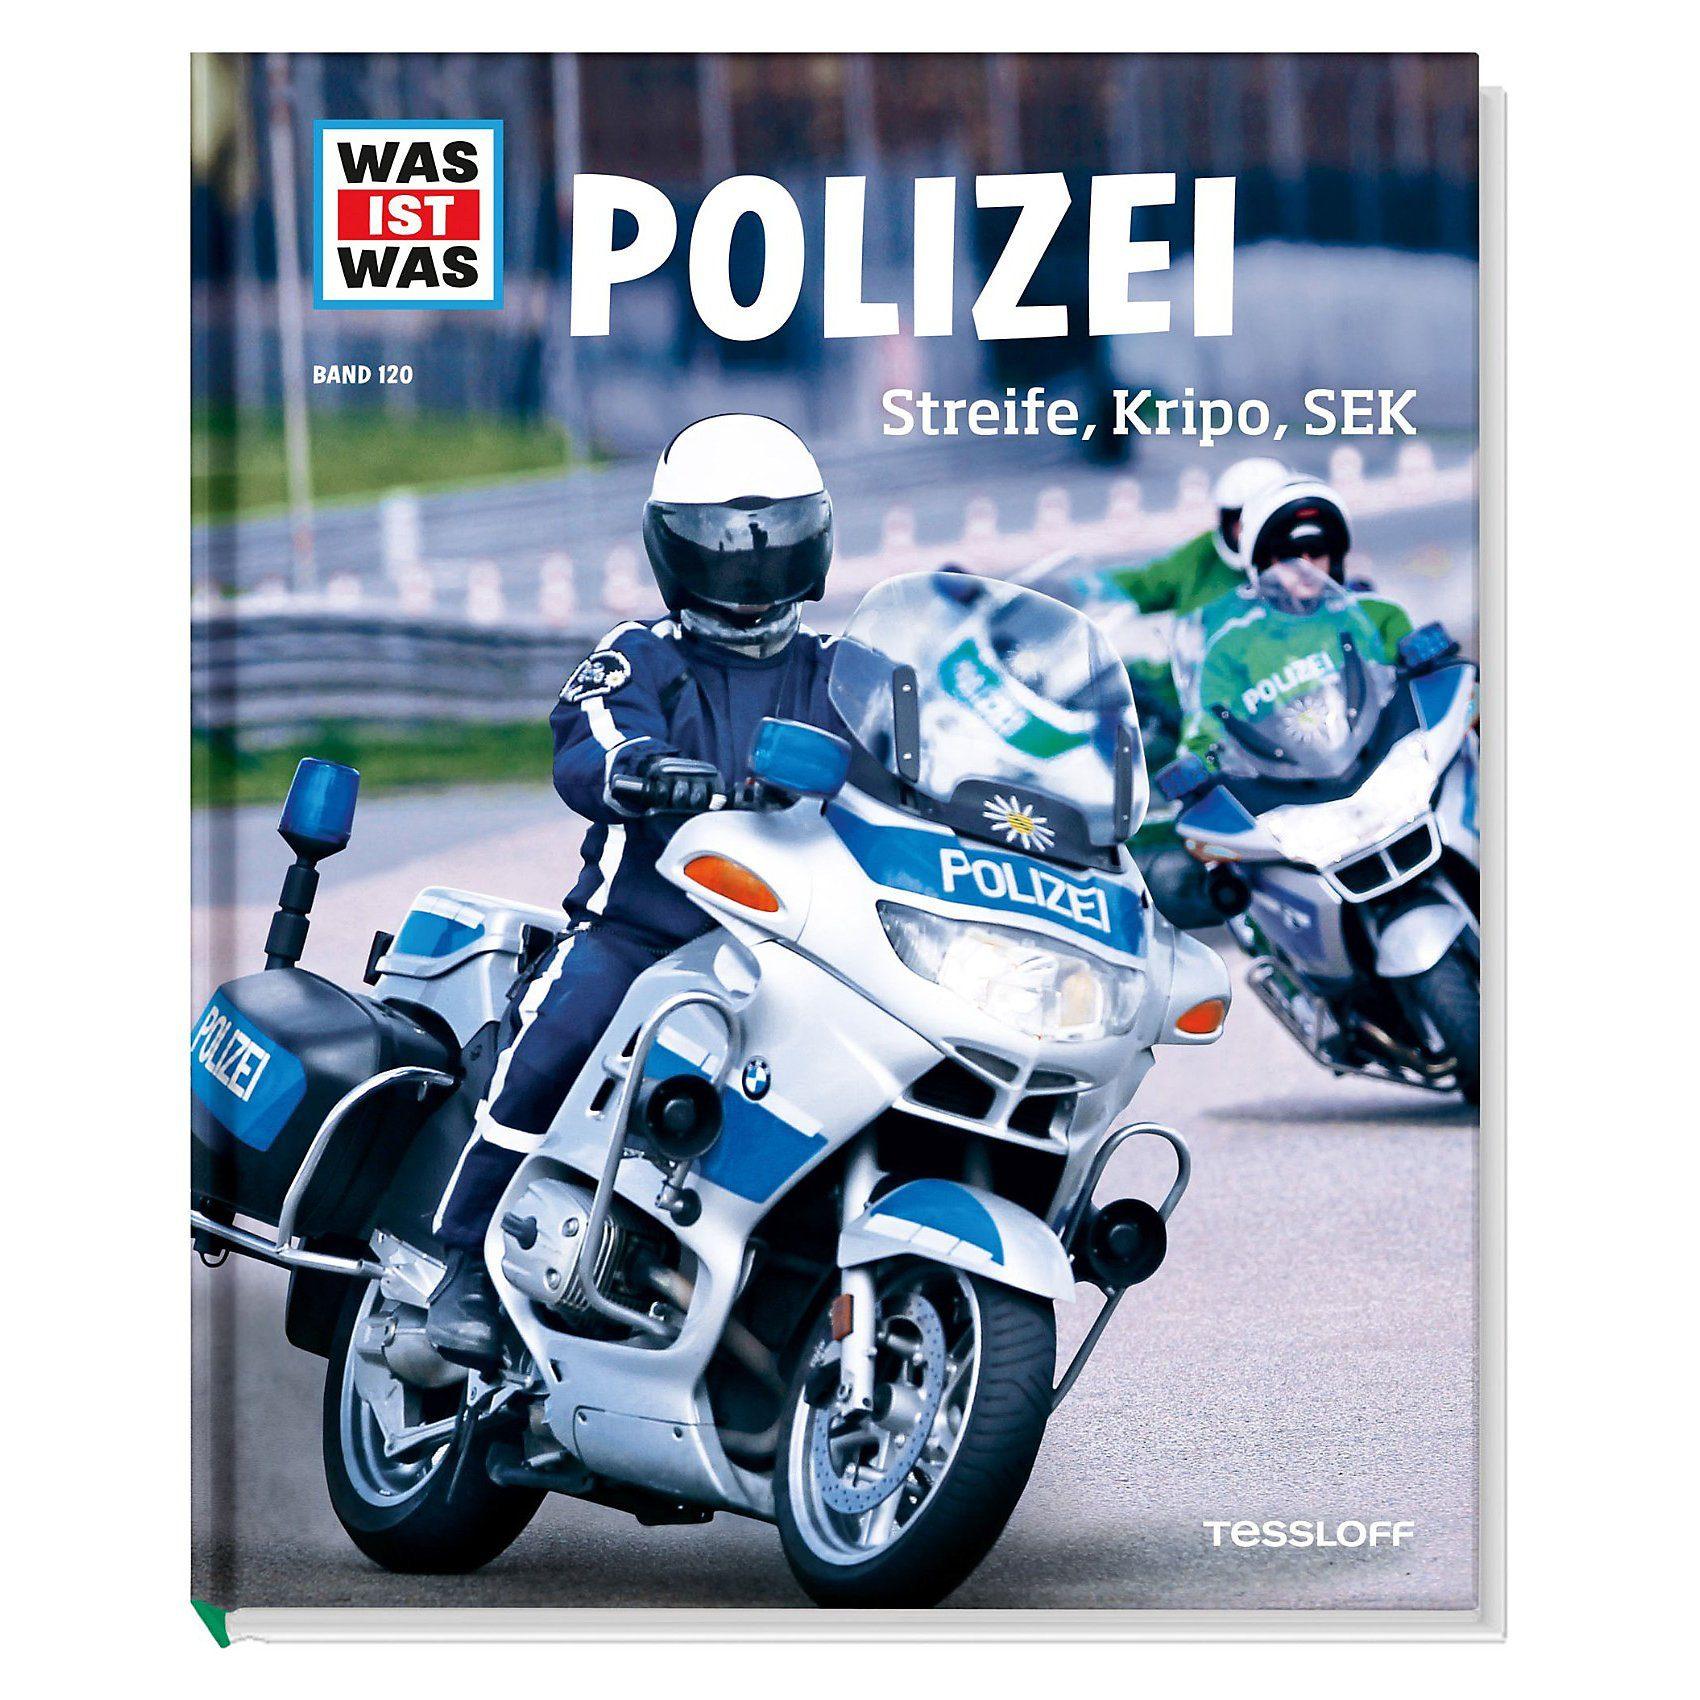 Tessloff Verlag WAS IST WAS Polizei, Band 120